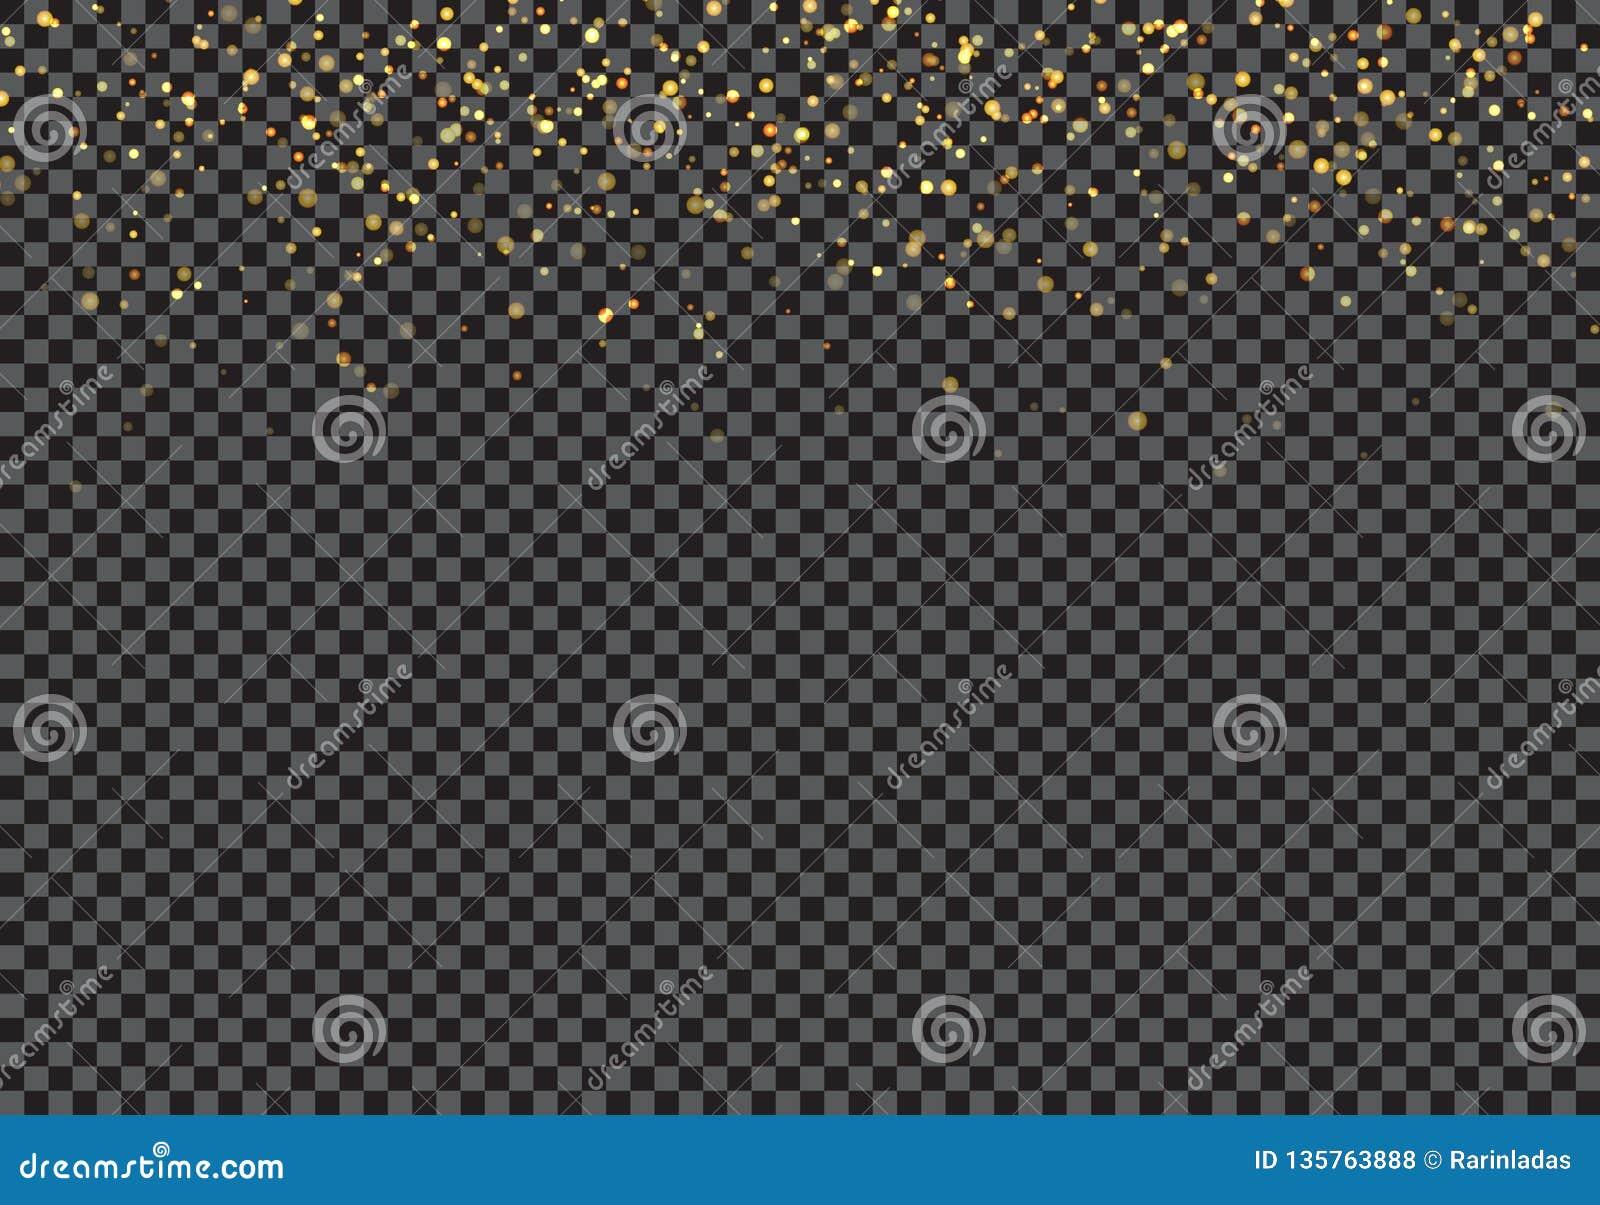 Guld- falla blänker partikeleffekt på genomskinlig bakgrund